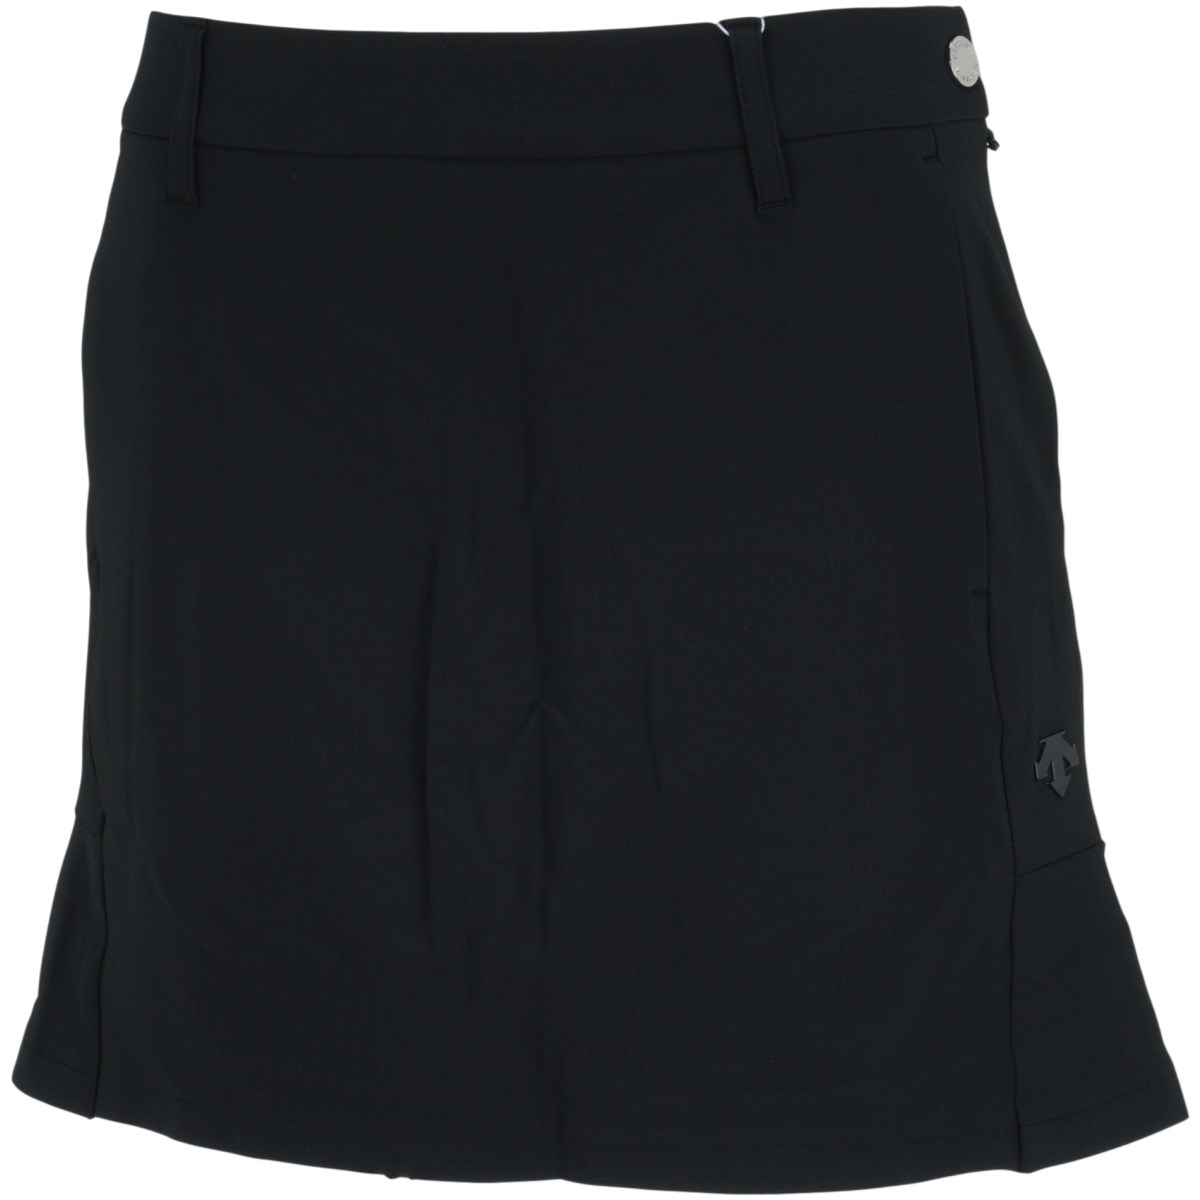 デサントゴルフ DESCENTE GOLF ストレッチシャドーへリンボンスカート 64 ブラック 00 レディス